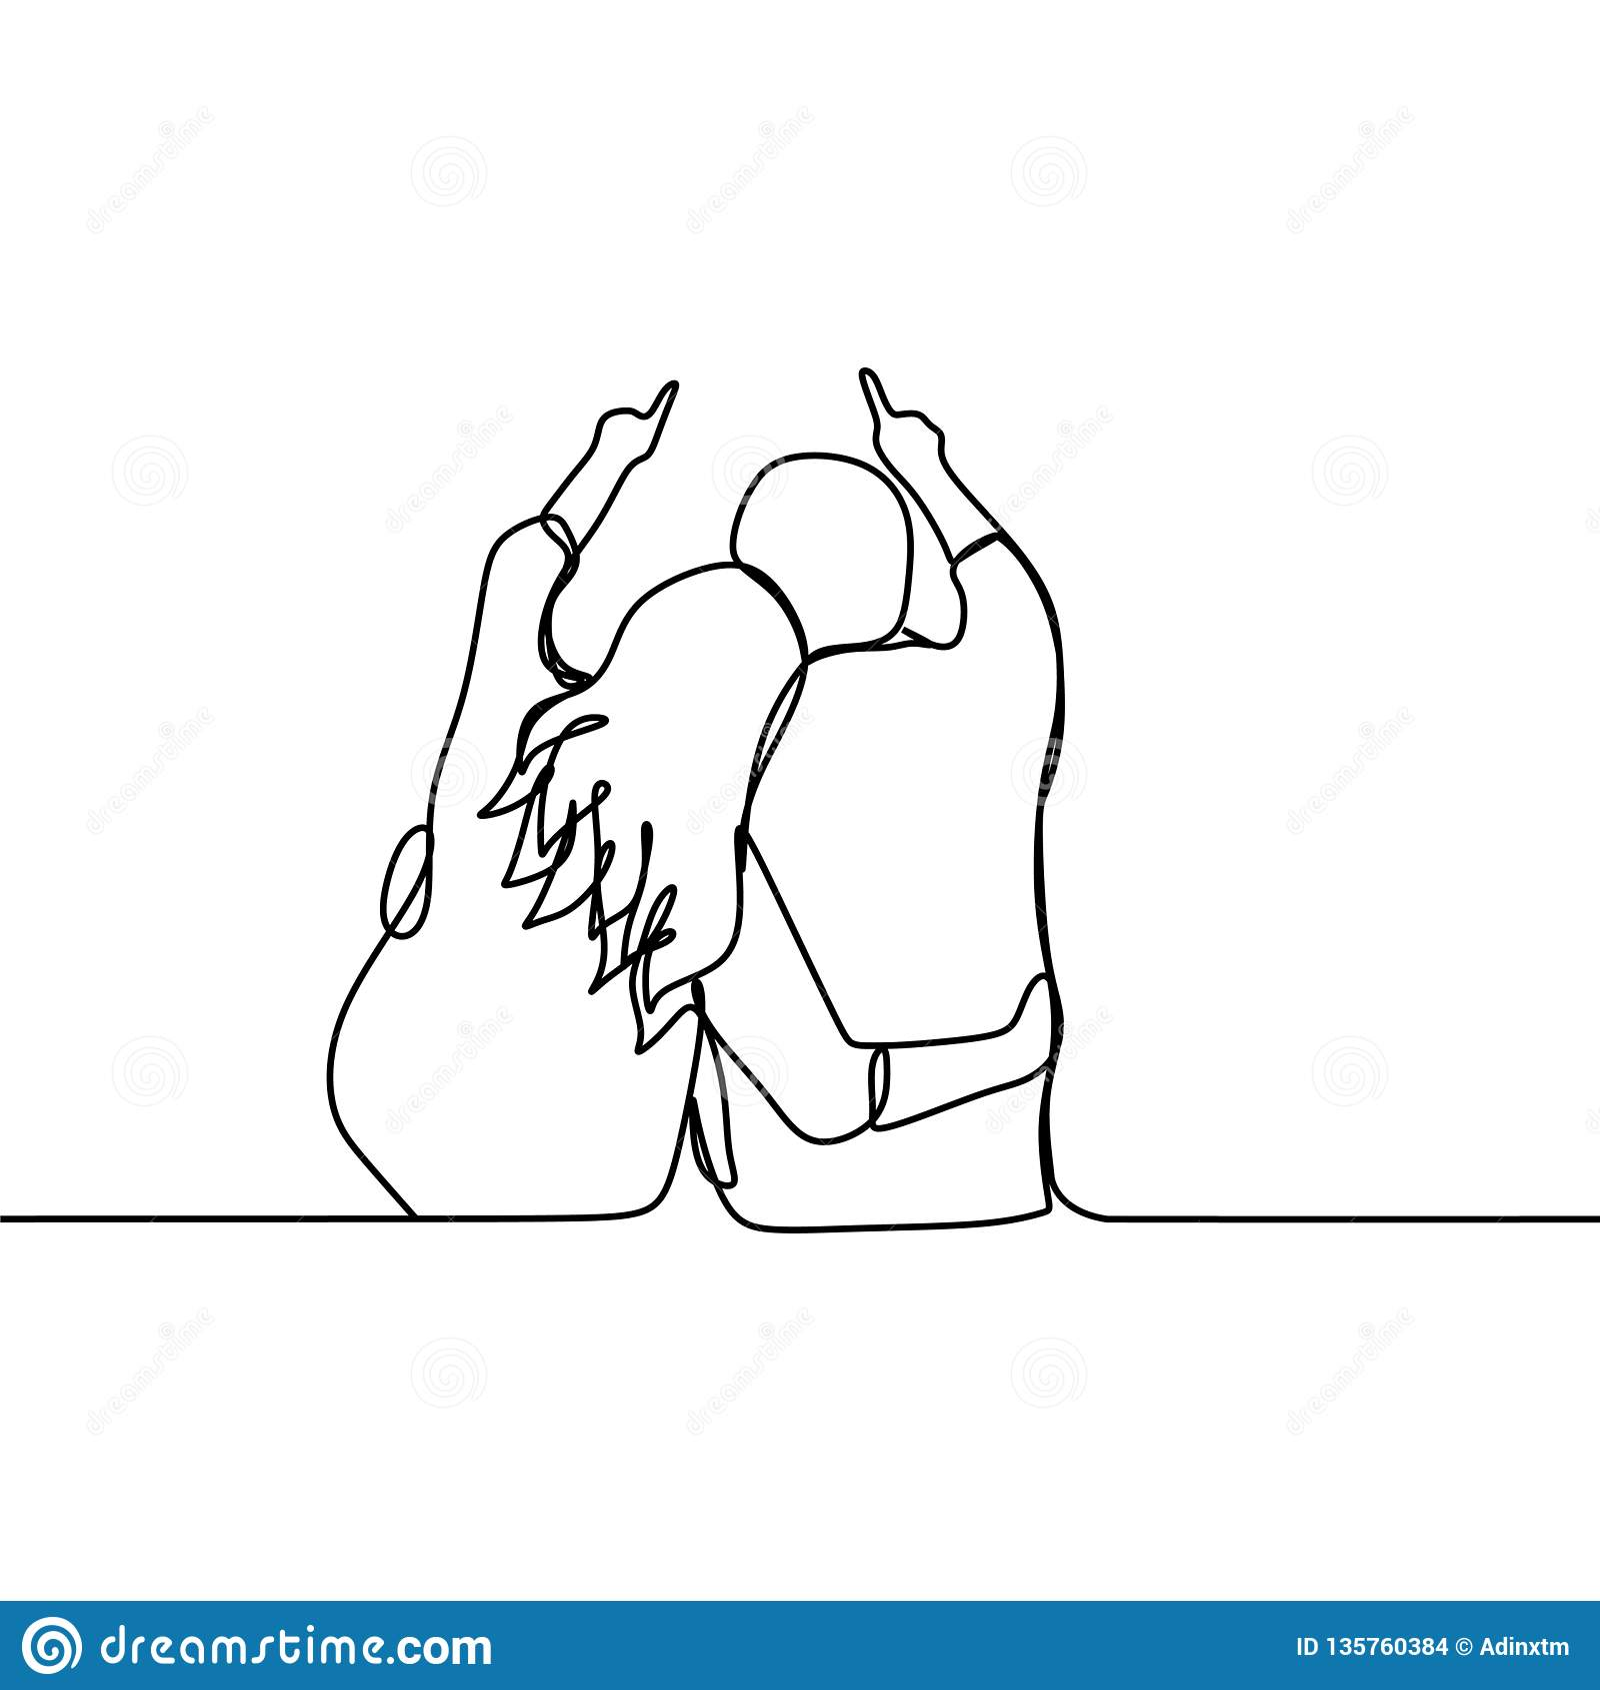 Dibujo Lineal Continuo De Los Pares Románticos Ejemplo Del